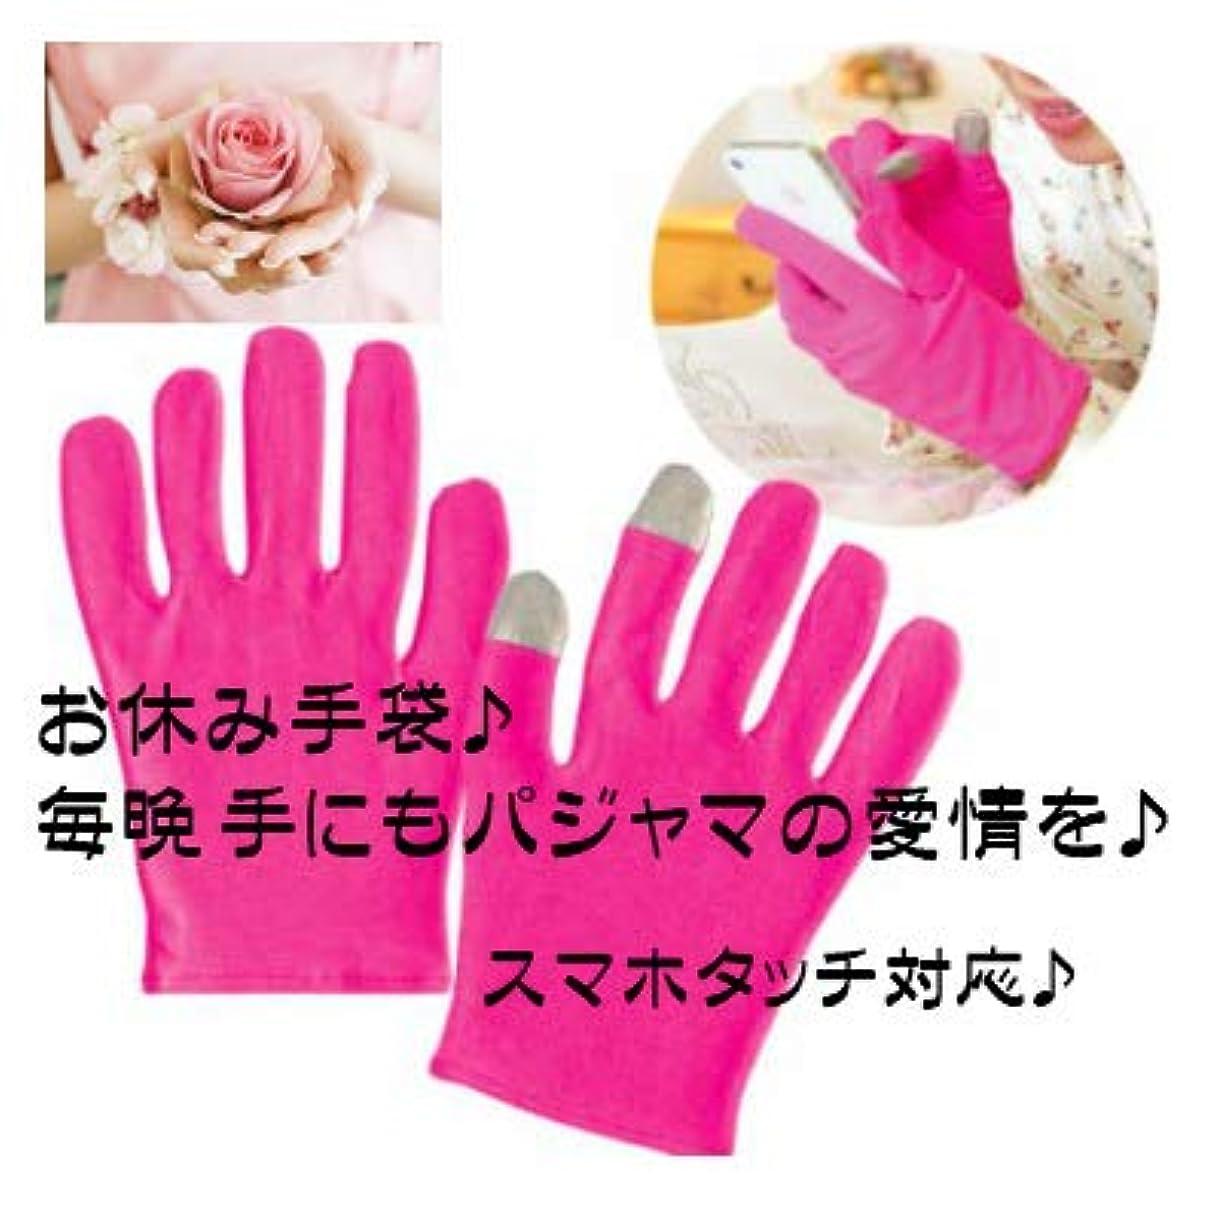 孤独な再編成するできた美容ハンドケア手袋 就寝手袋 スマホタッチ対応 おやすみ手袋保湿手袋